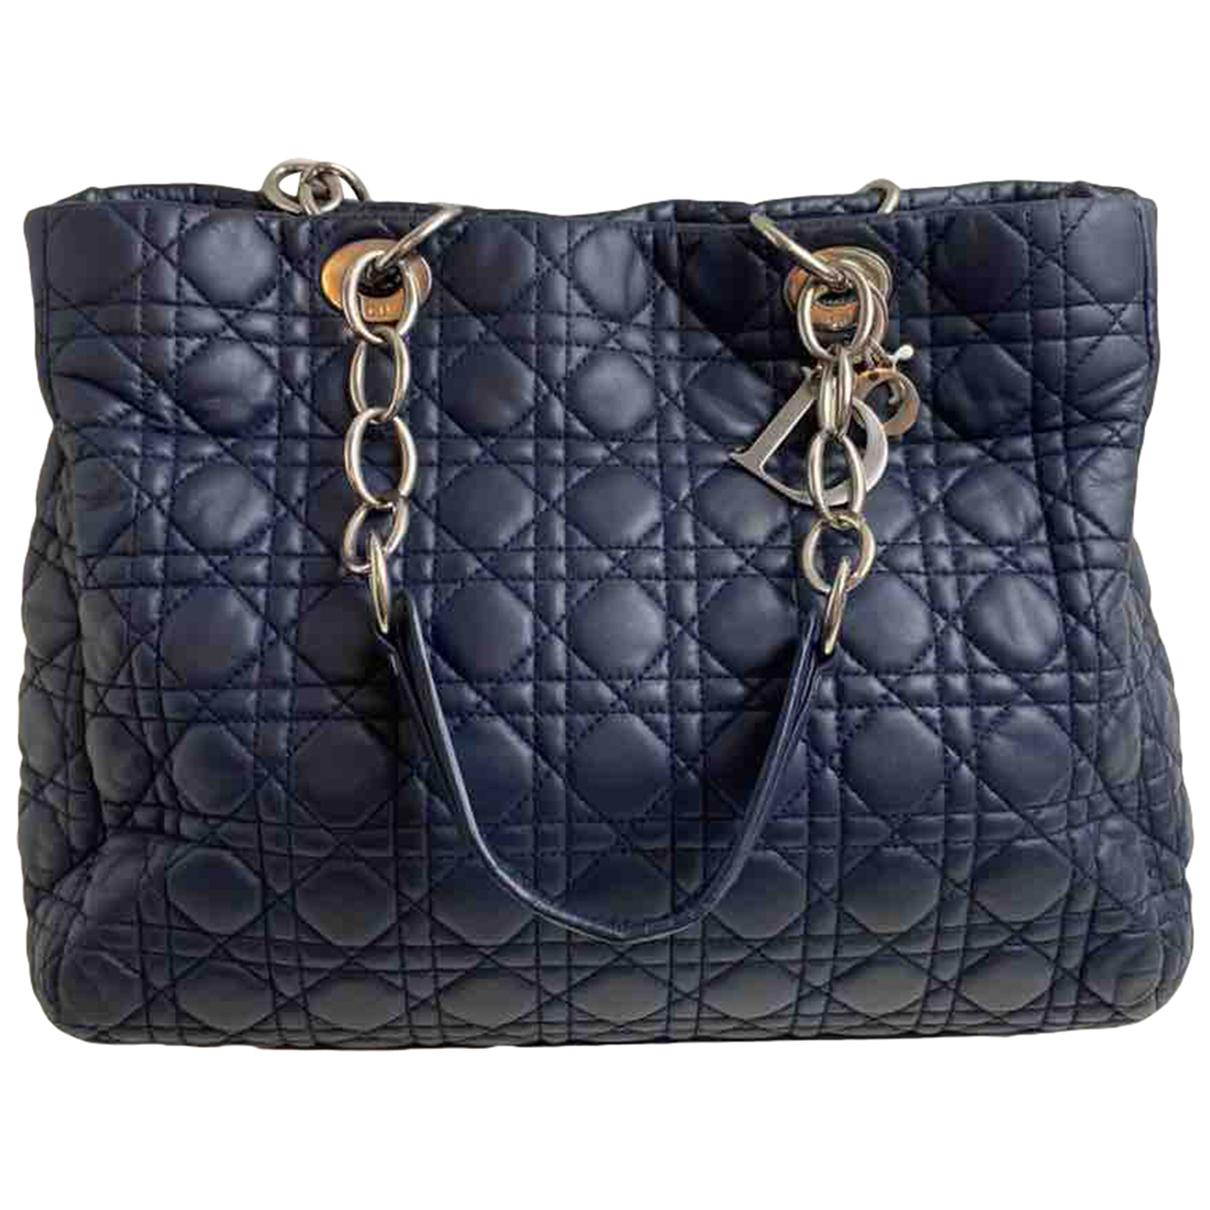 Dior - Sac a main Dior Soft Shopping pour femme en cuir - bleu